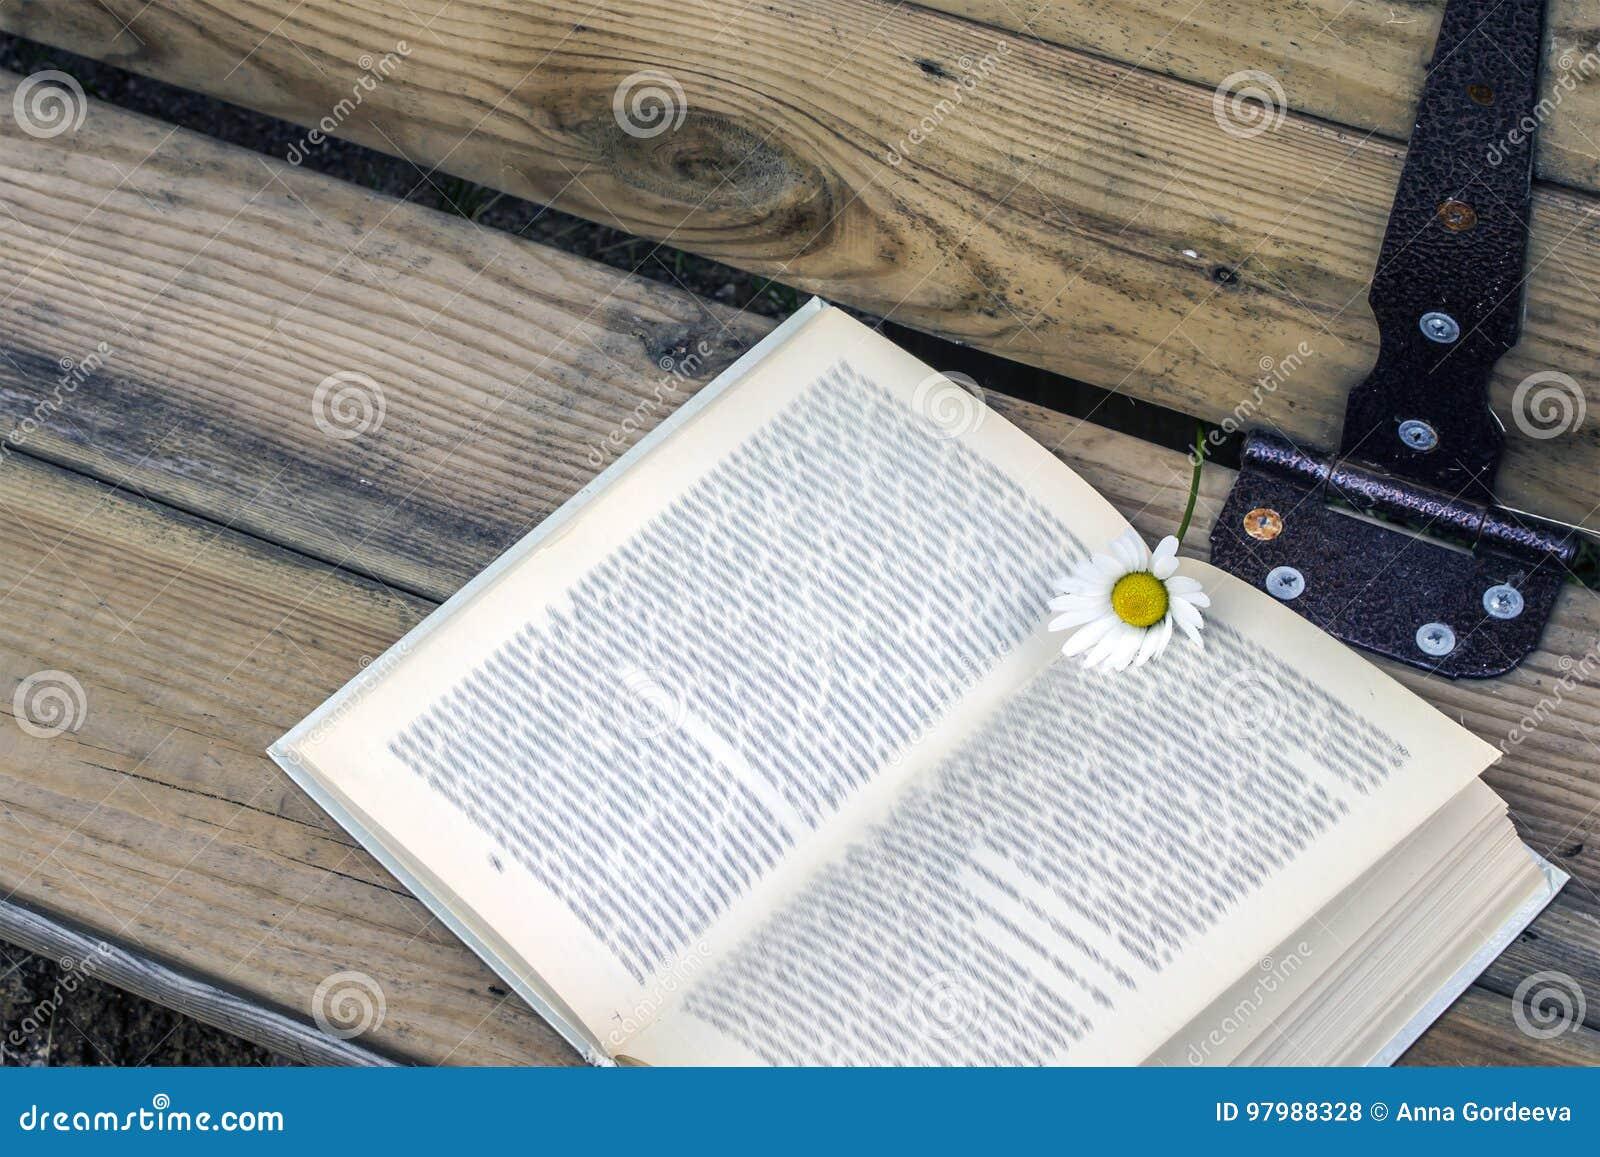 Offenes Buch mit einem Bookmark - eine Gänseblümchenblume